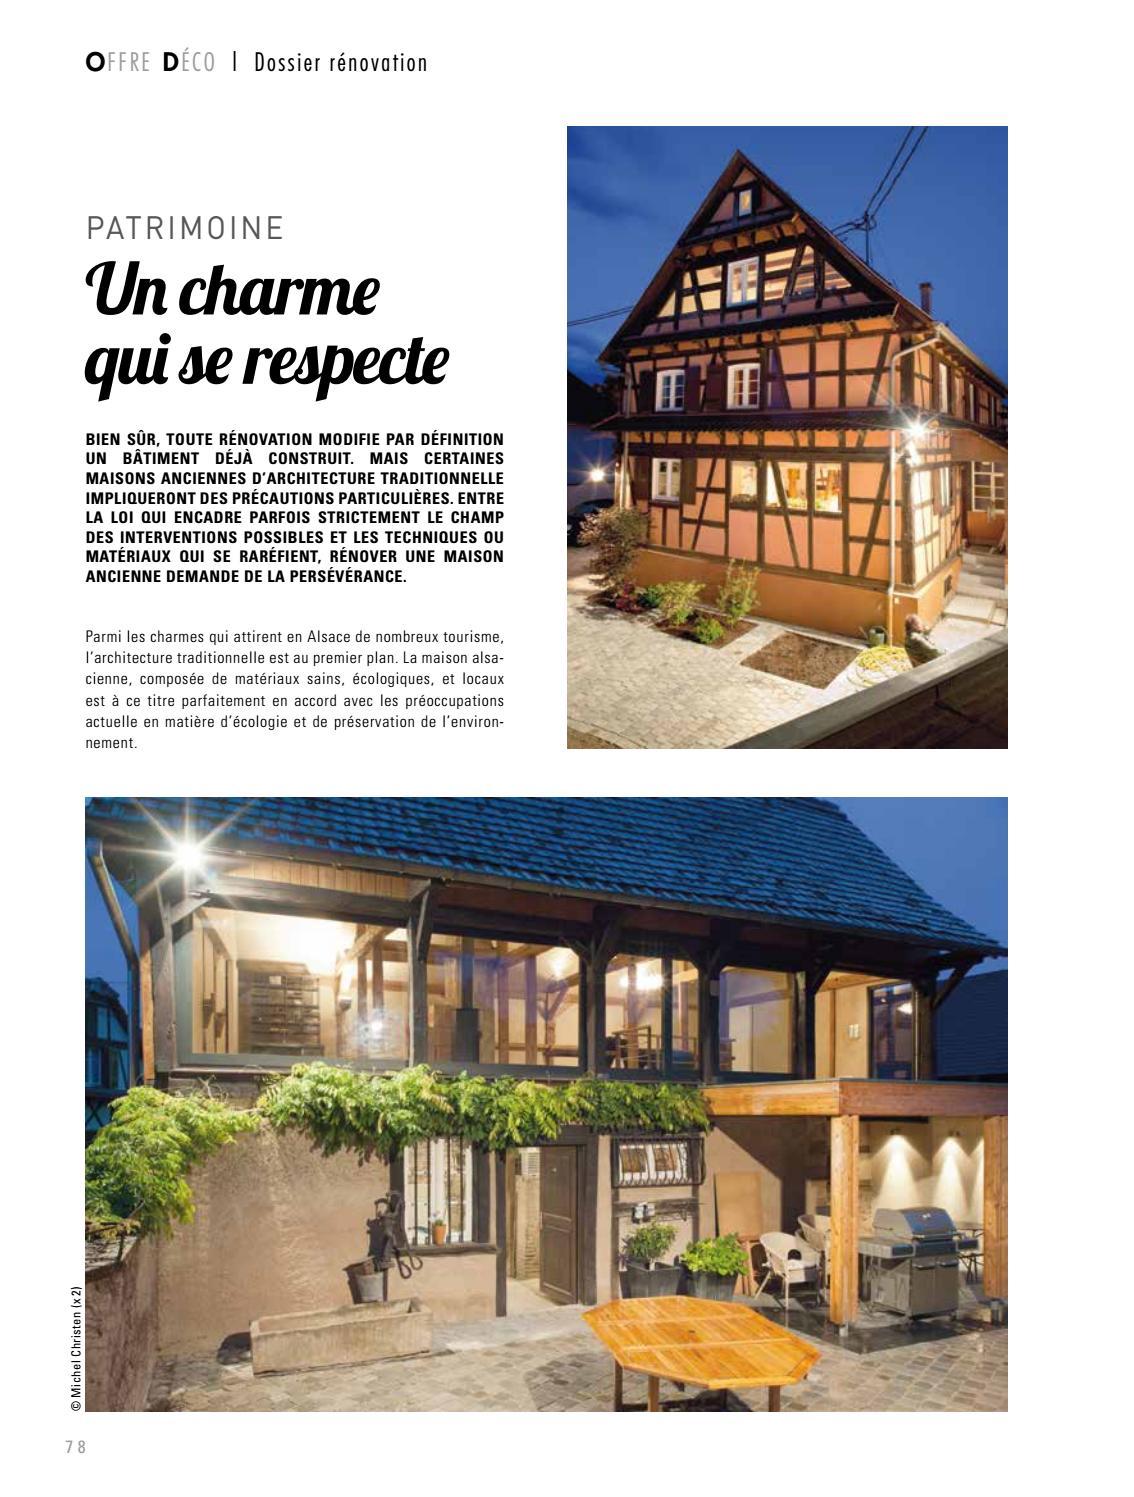 Rénover Une Maison Alsacienne offre deco 67 #1jfleury67 - issuu